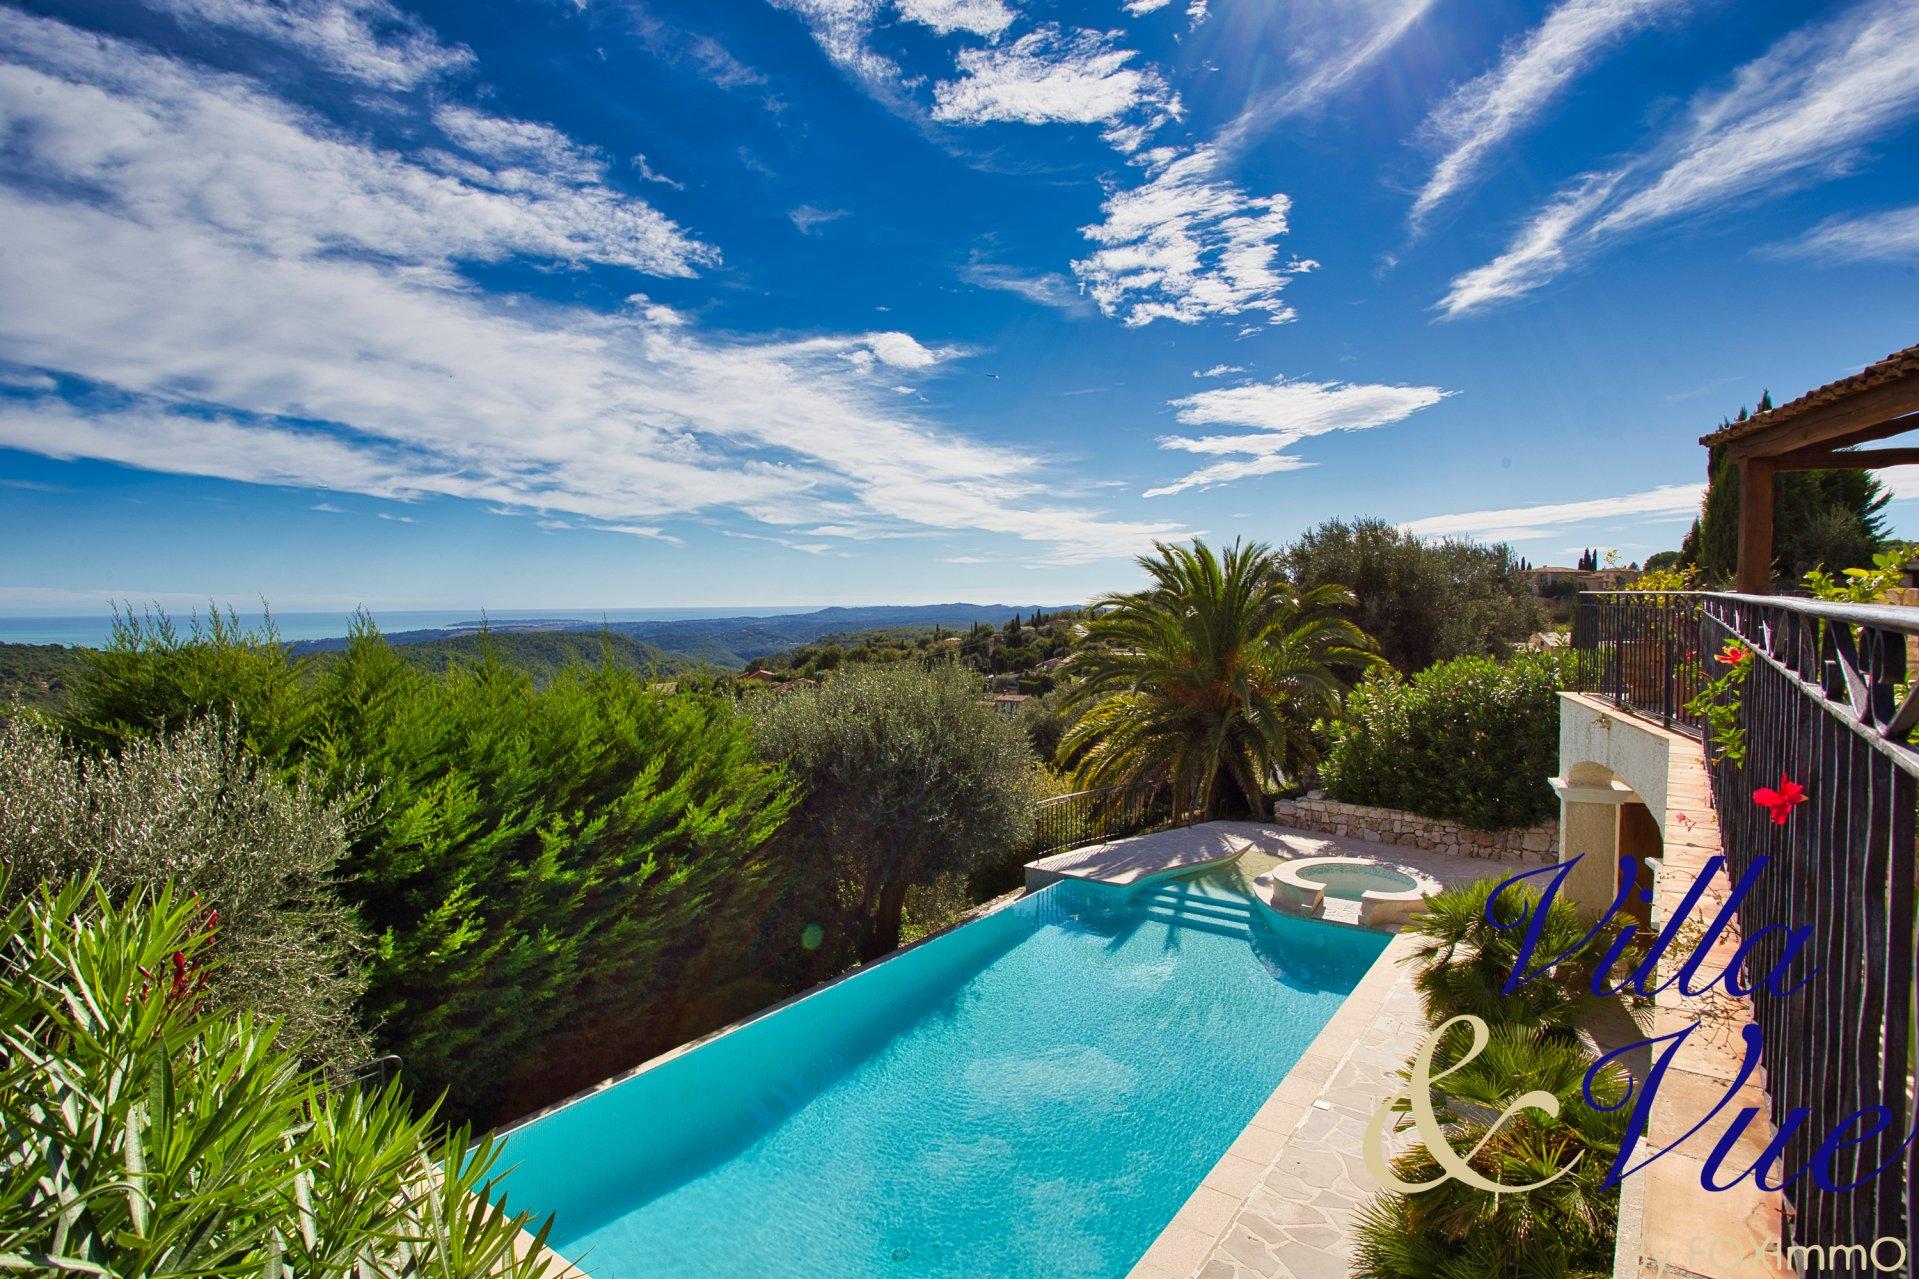 Villa en pierre 300 m² limite Vence 9P 5 chbres vue exceptionnelle et panoramique sur la mer